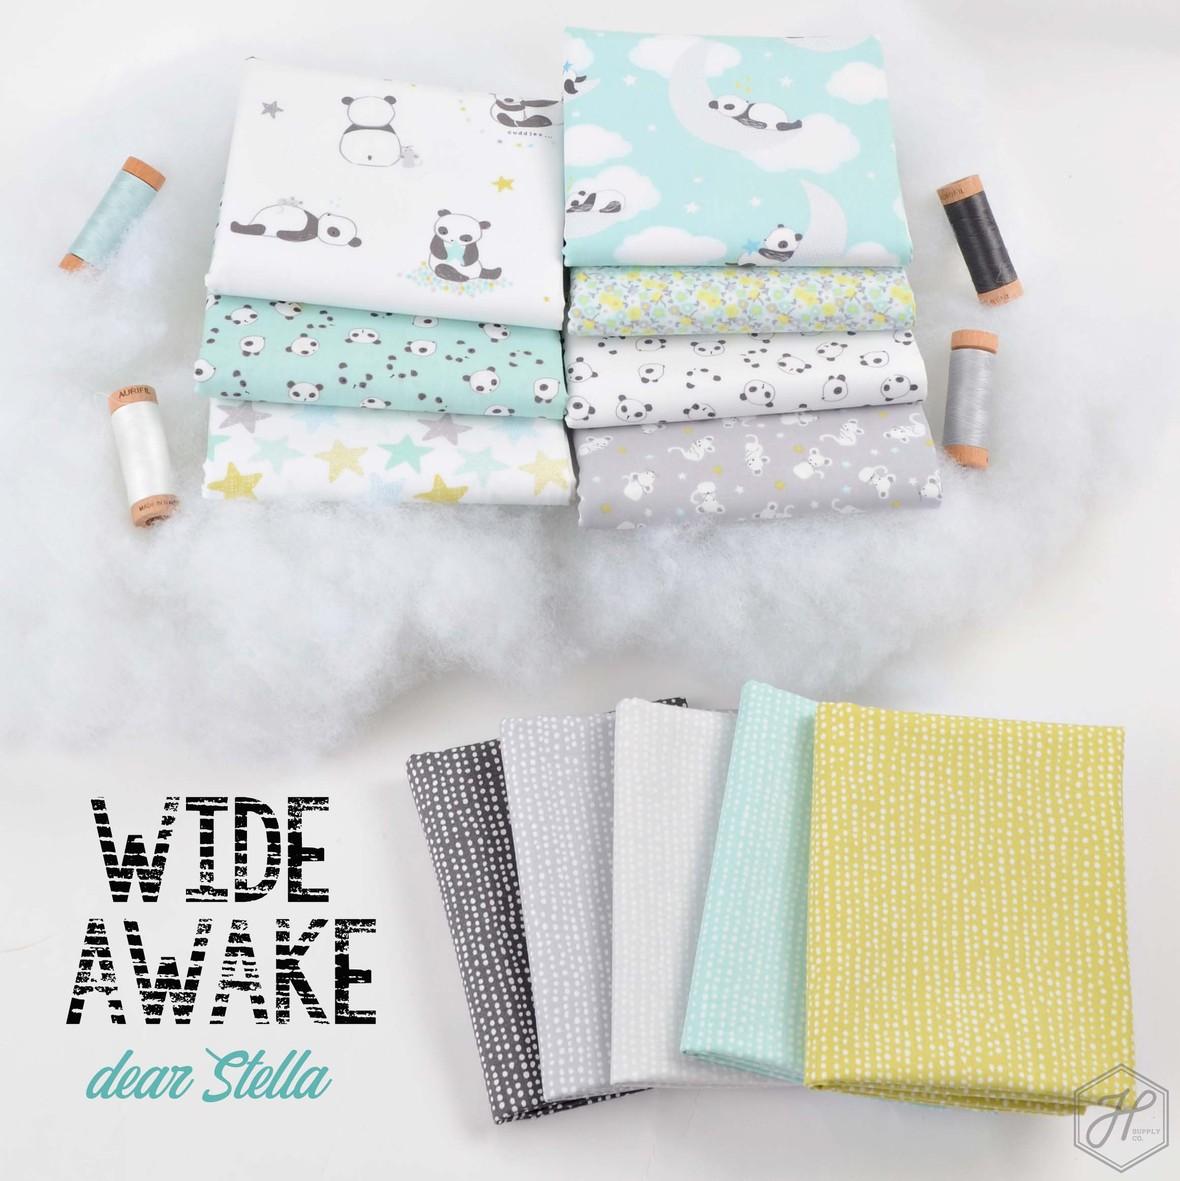 Wide Awake Fabric Dear Stella for Hawthorne Supply Co